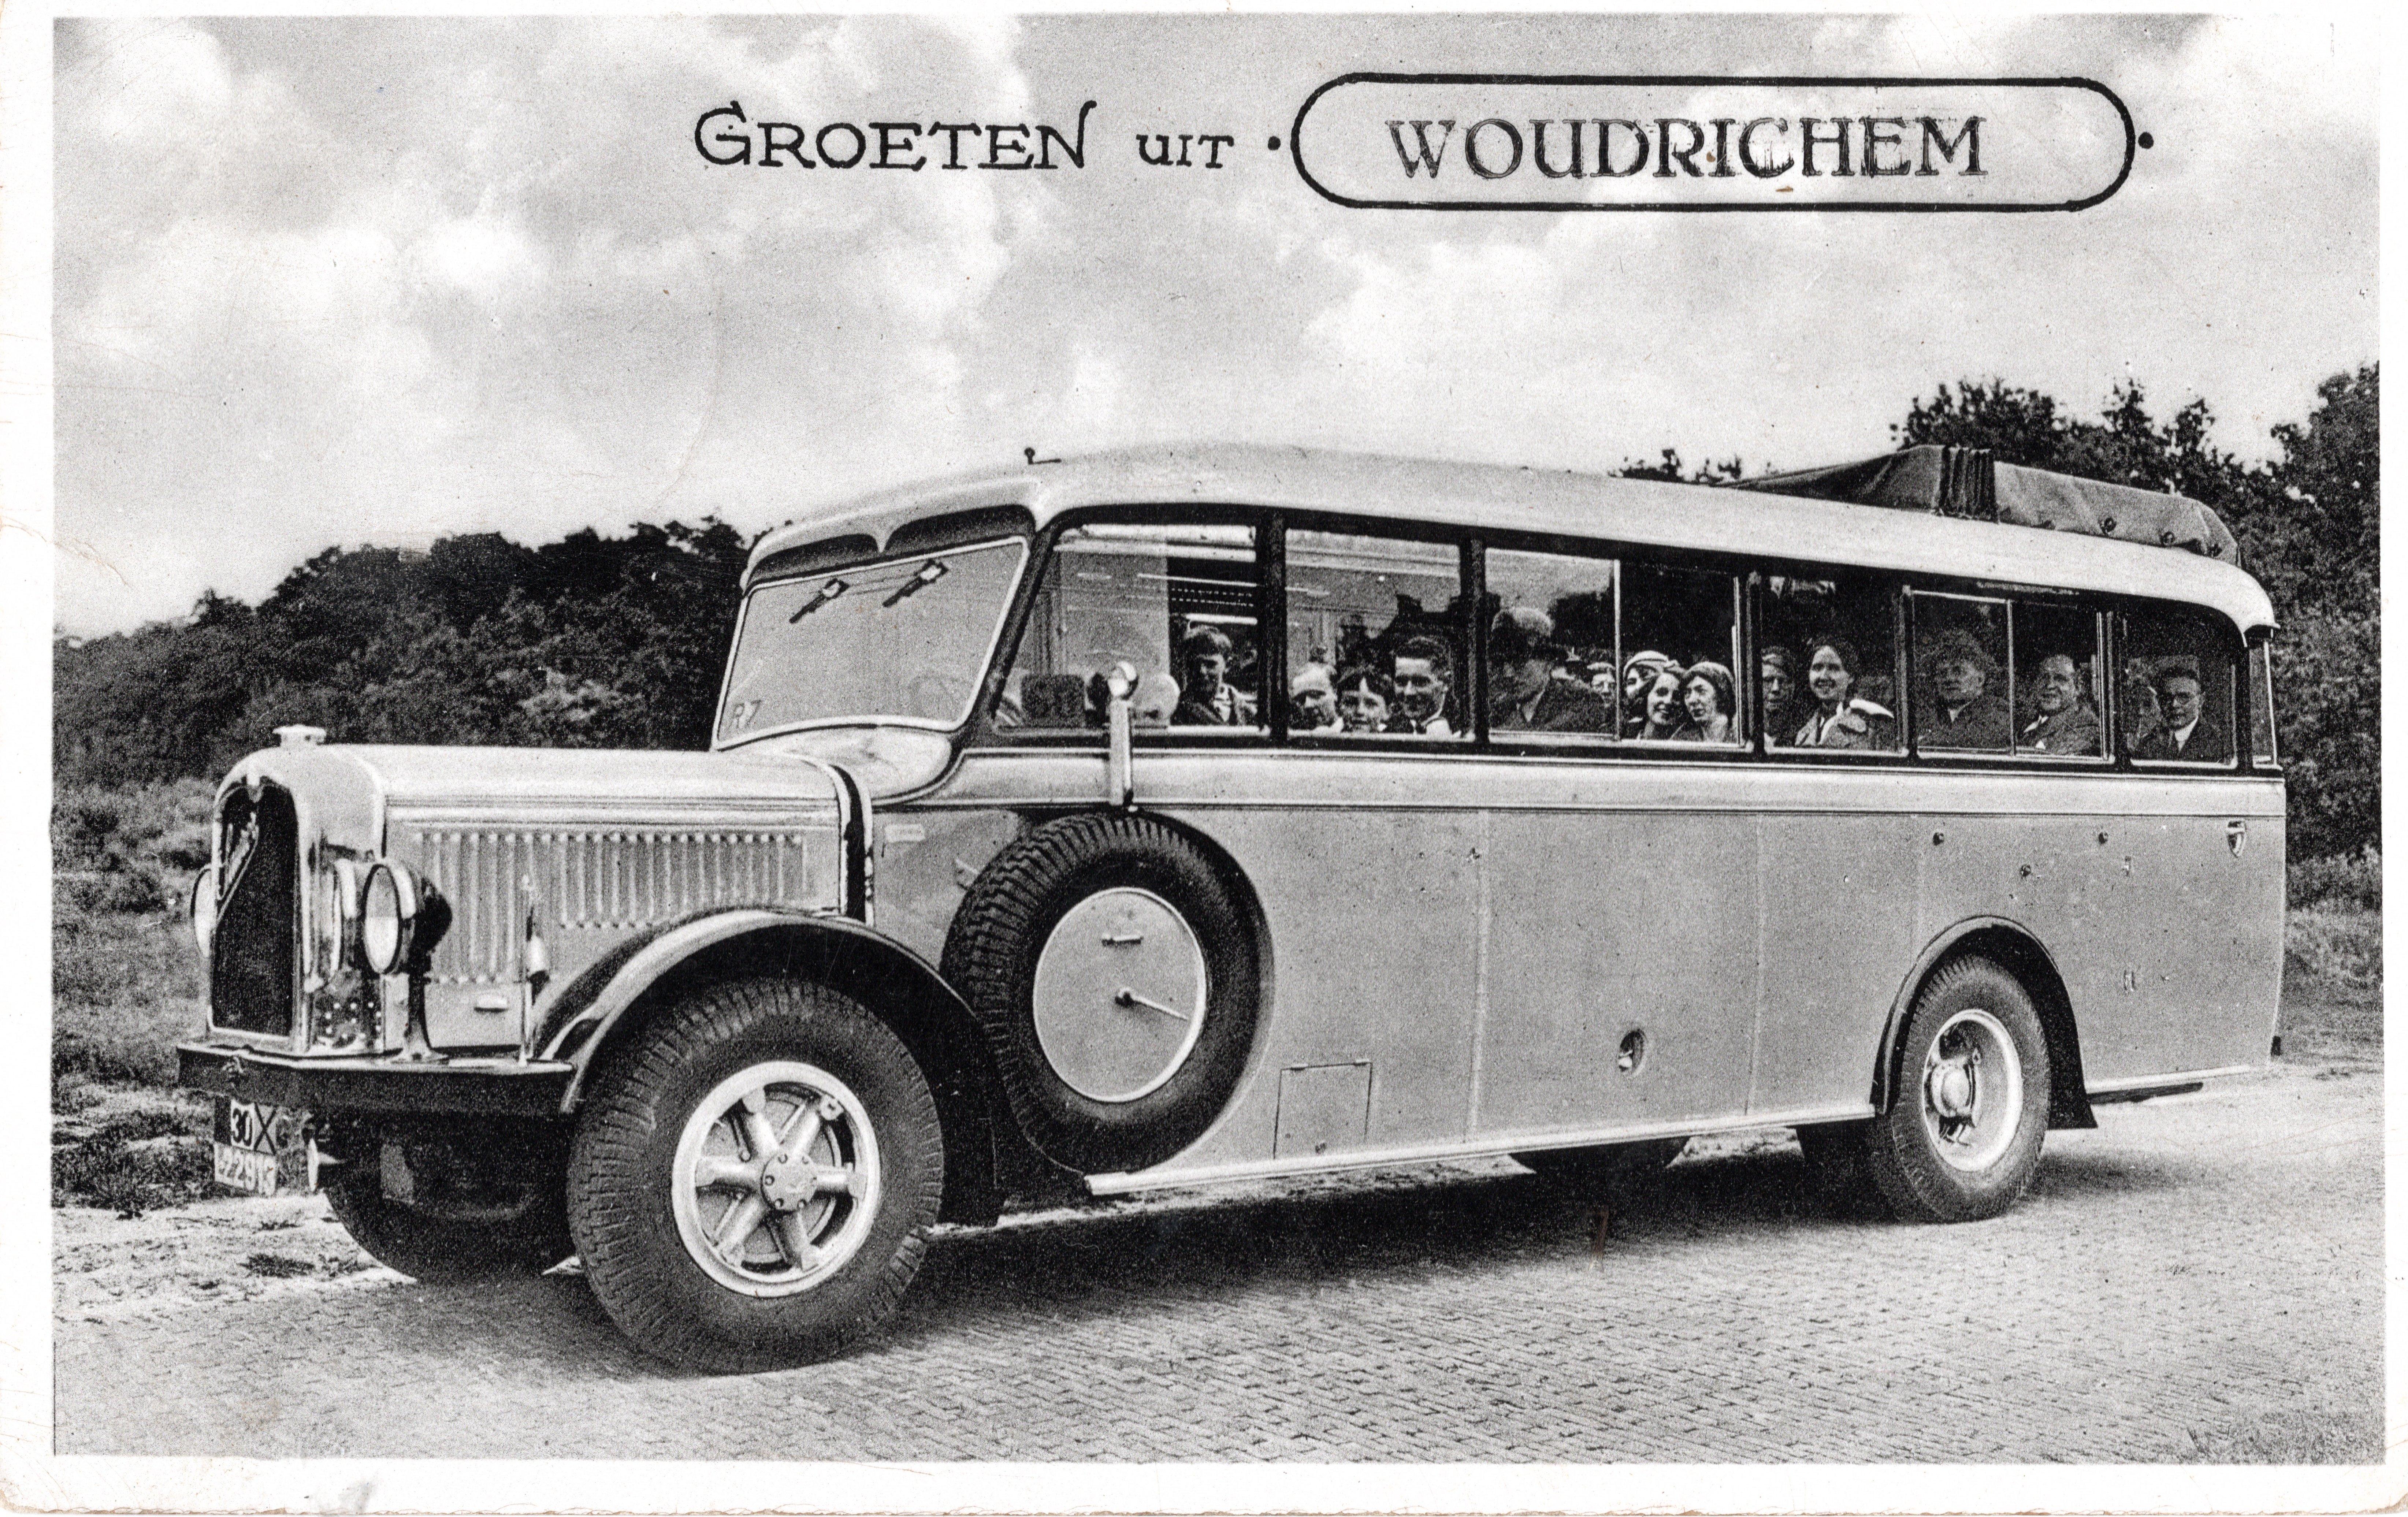 Groeten-uit-Woudrichem-057